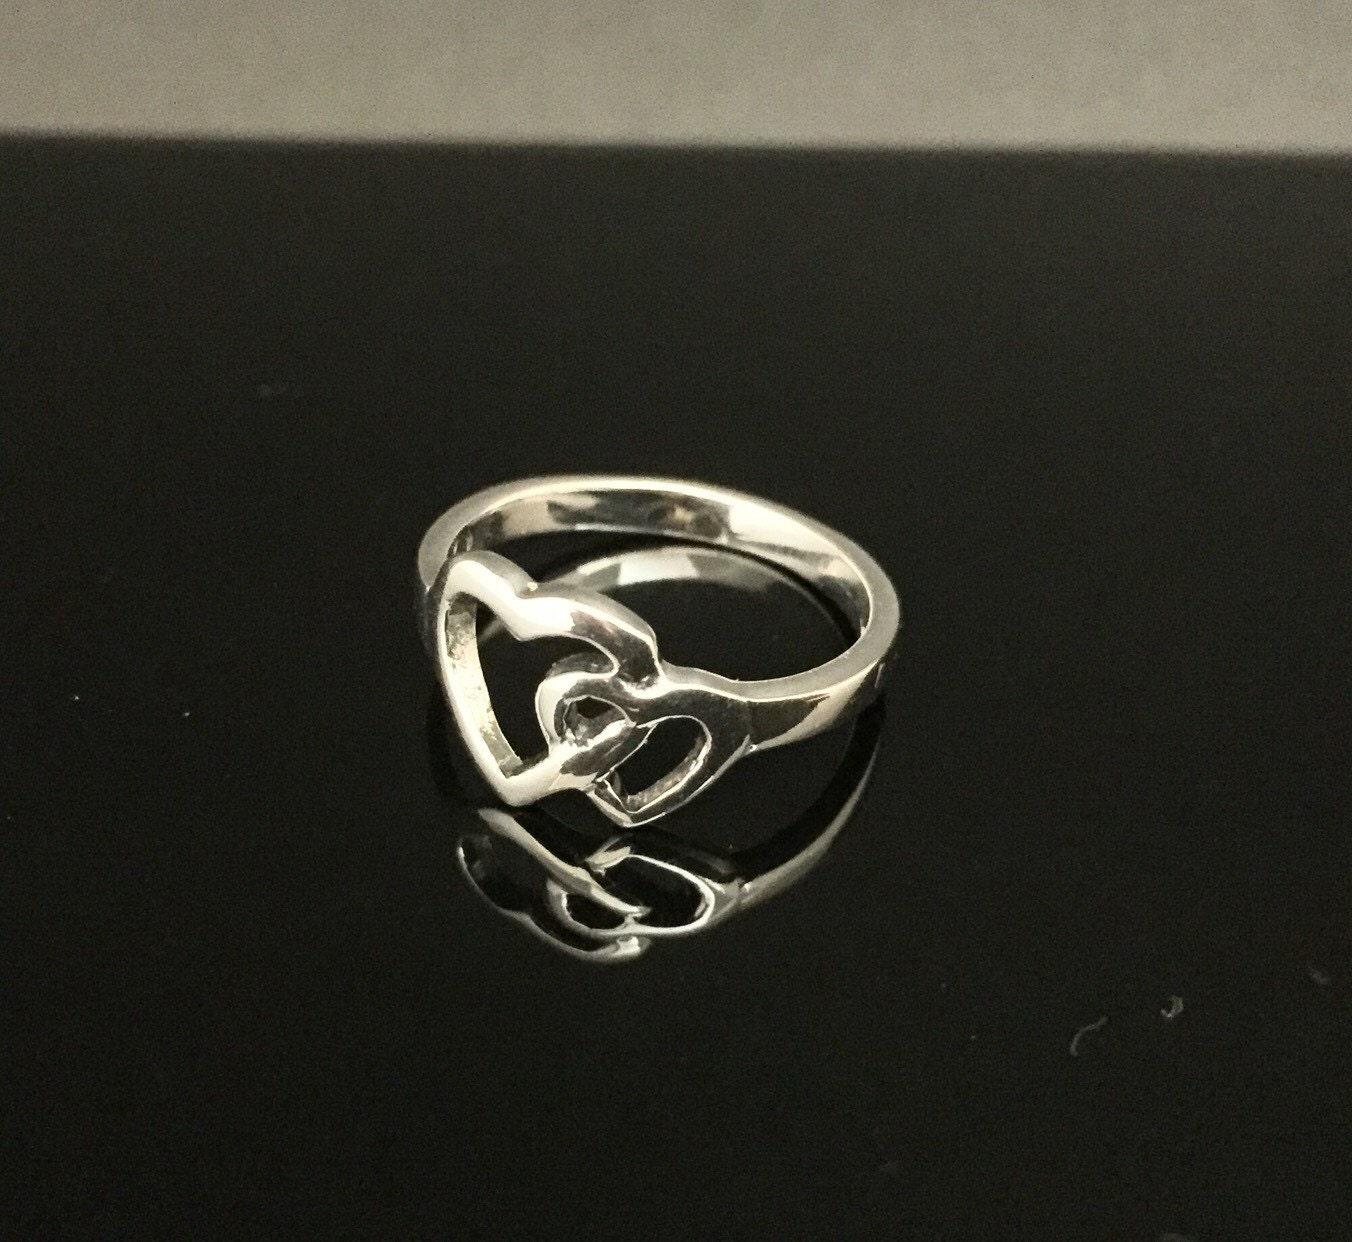 interlocking silver ring 925 sterling silver